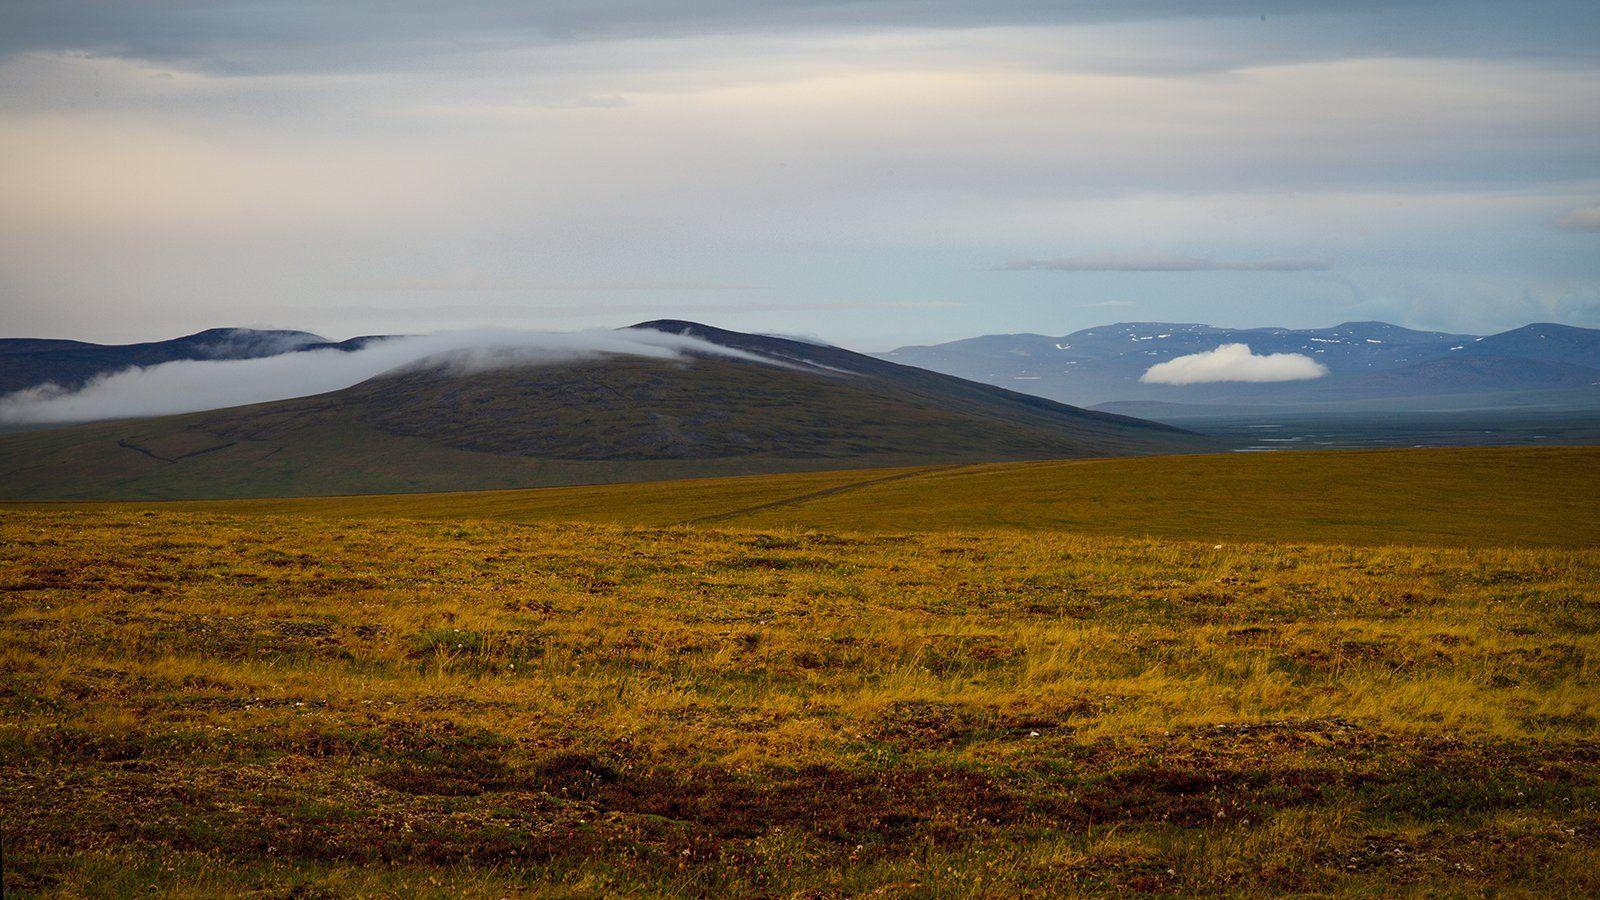 север, тундра, сопки, чукотка, пейзаж, природа, облака, небо,, Сергей Шульга